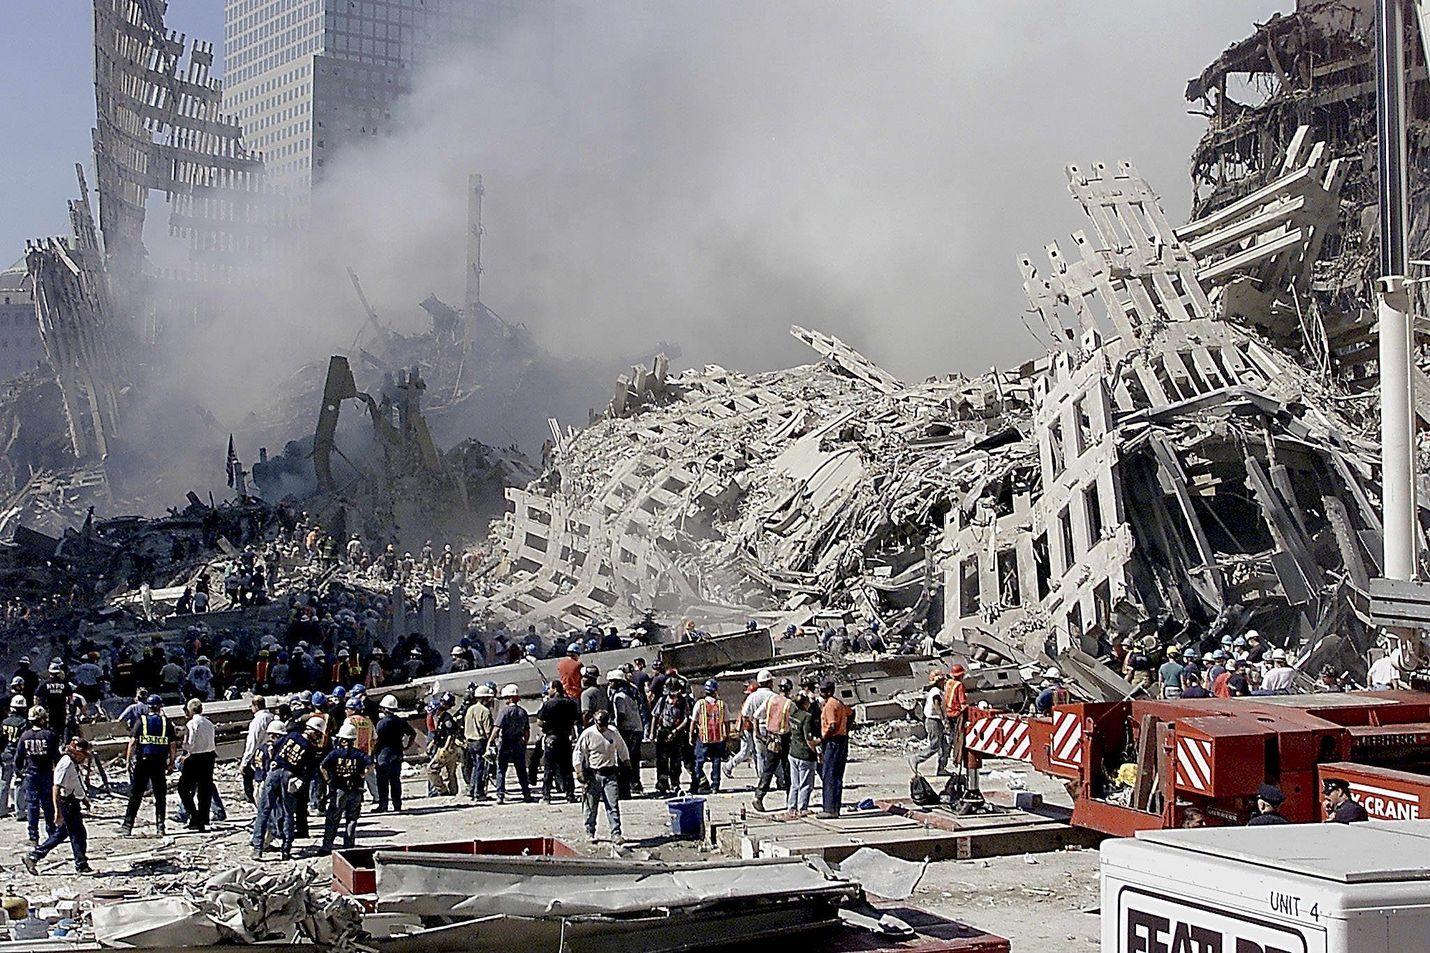 Kaksi päivää tuhoisien 9/11-terrori-iskujen jälkeen pelastustyöntekijät etsivät yhä pelastuneita World Trade Centerin raunioista New Yorkissa.